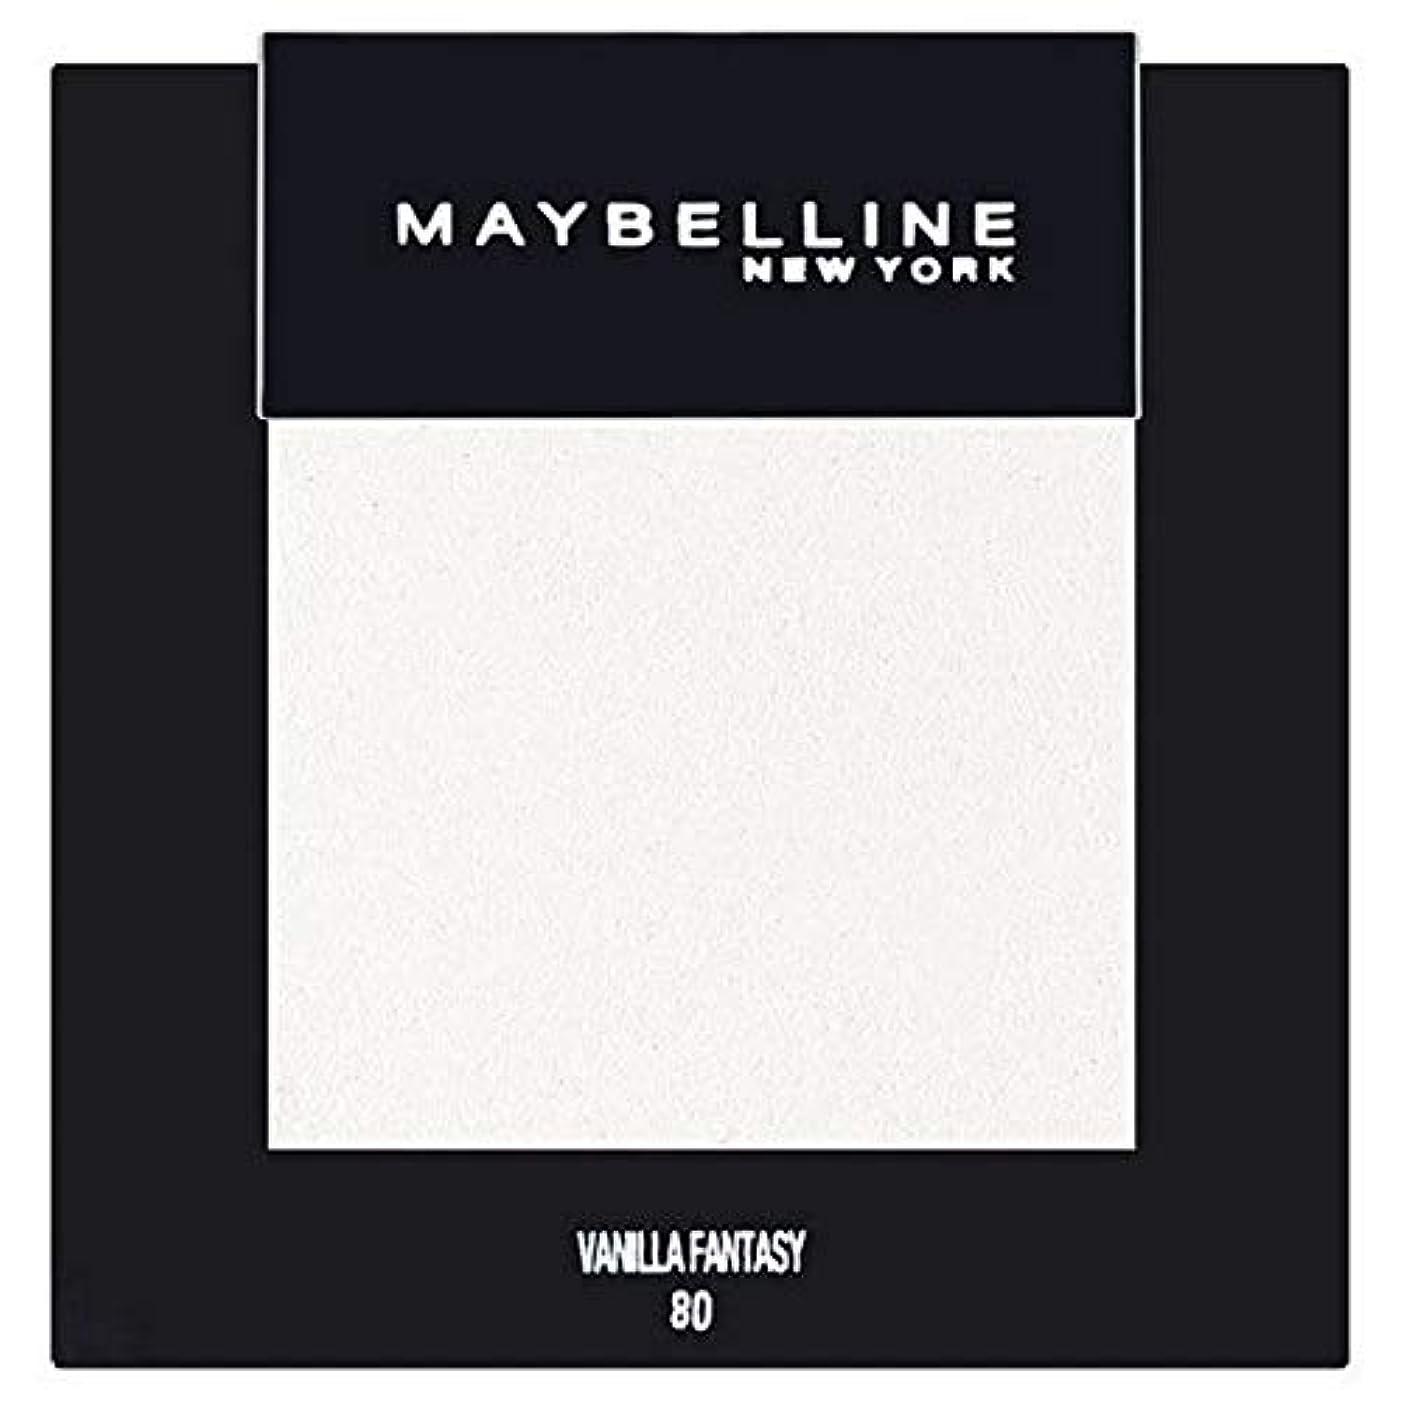 より平らな締め切り権利を与える[Maybelline ] メイベリンカラーショーシングルアイシャドウ80バニラ - Maybelline Color Show Single Eyeshadow 80 Vanilla [並行輸入品]